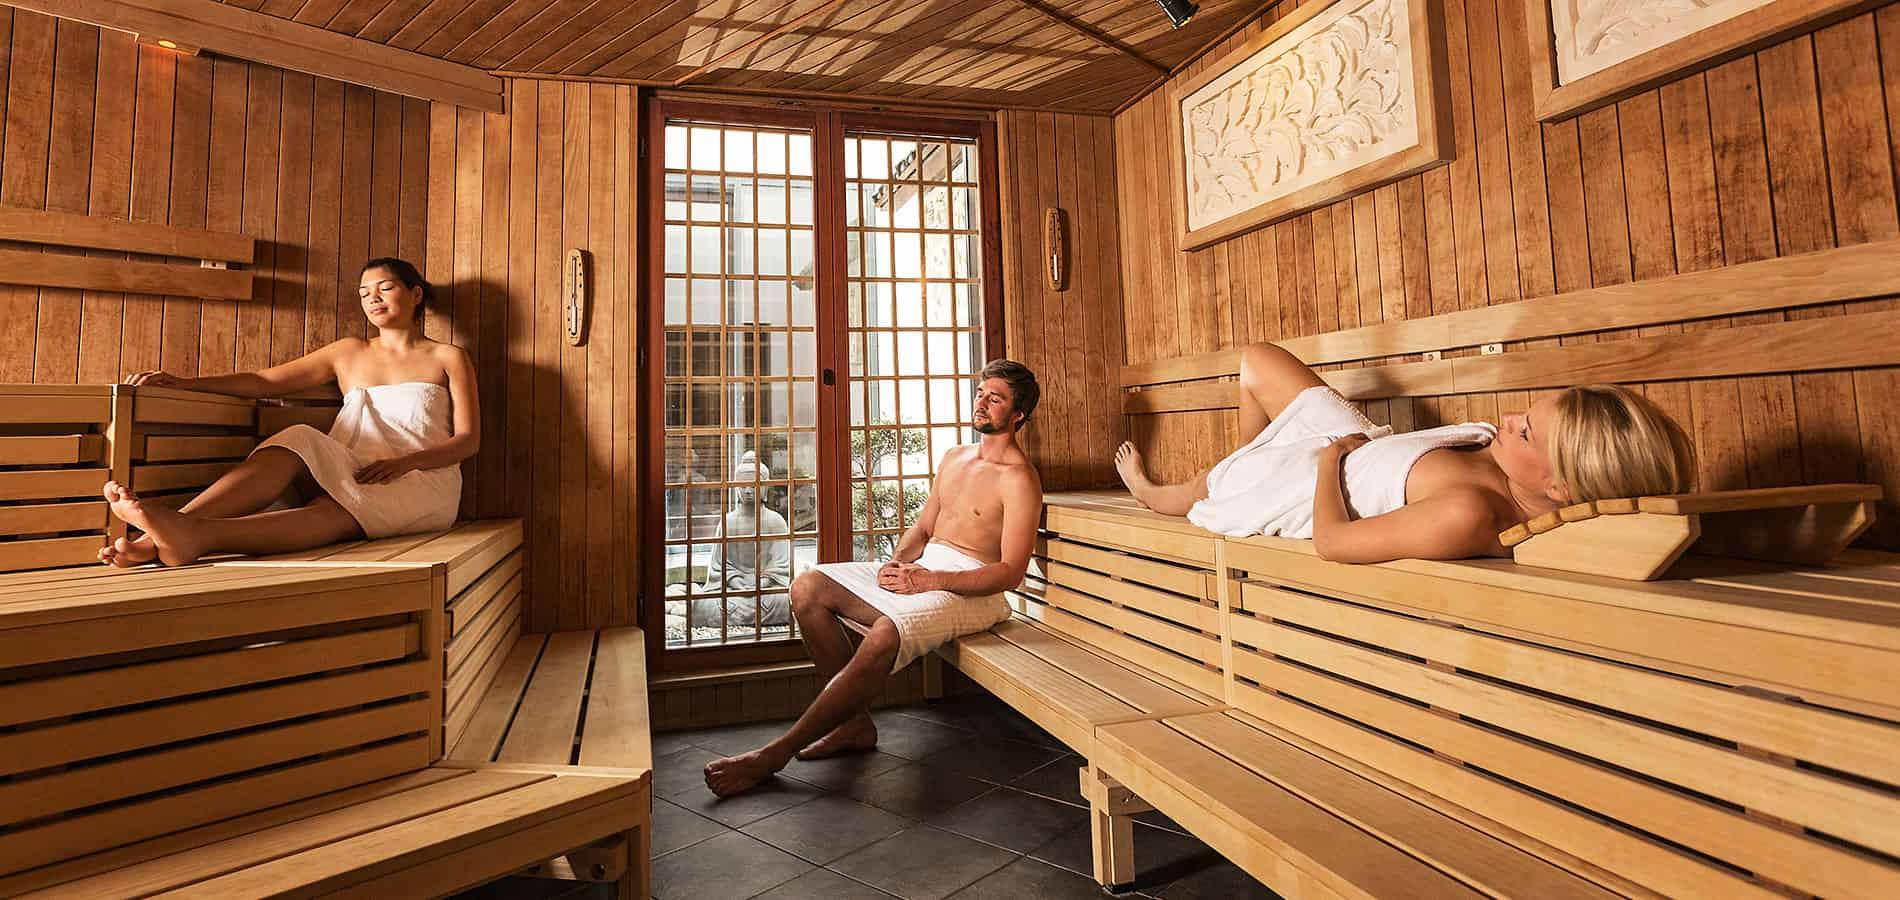 Köln Sauna